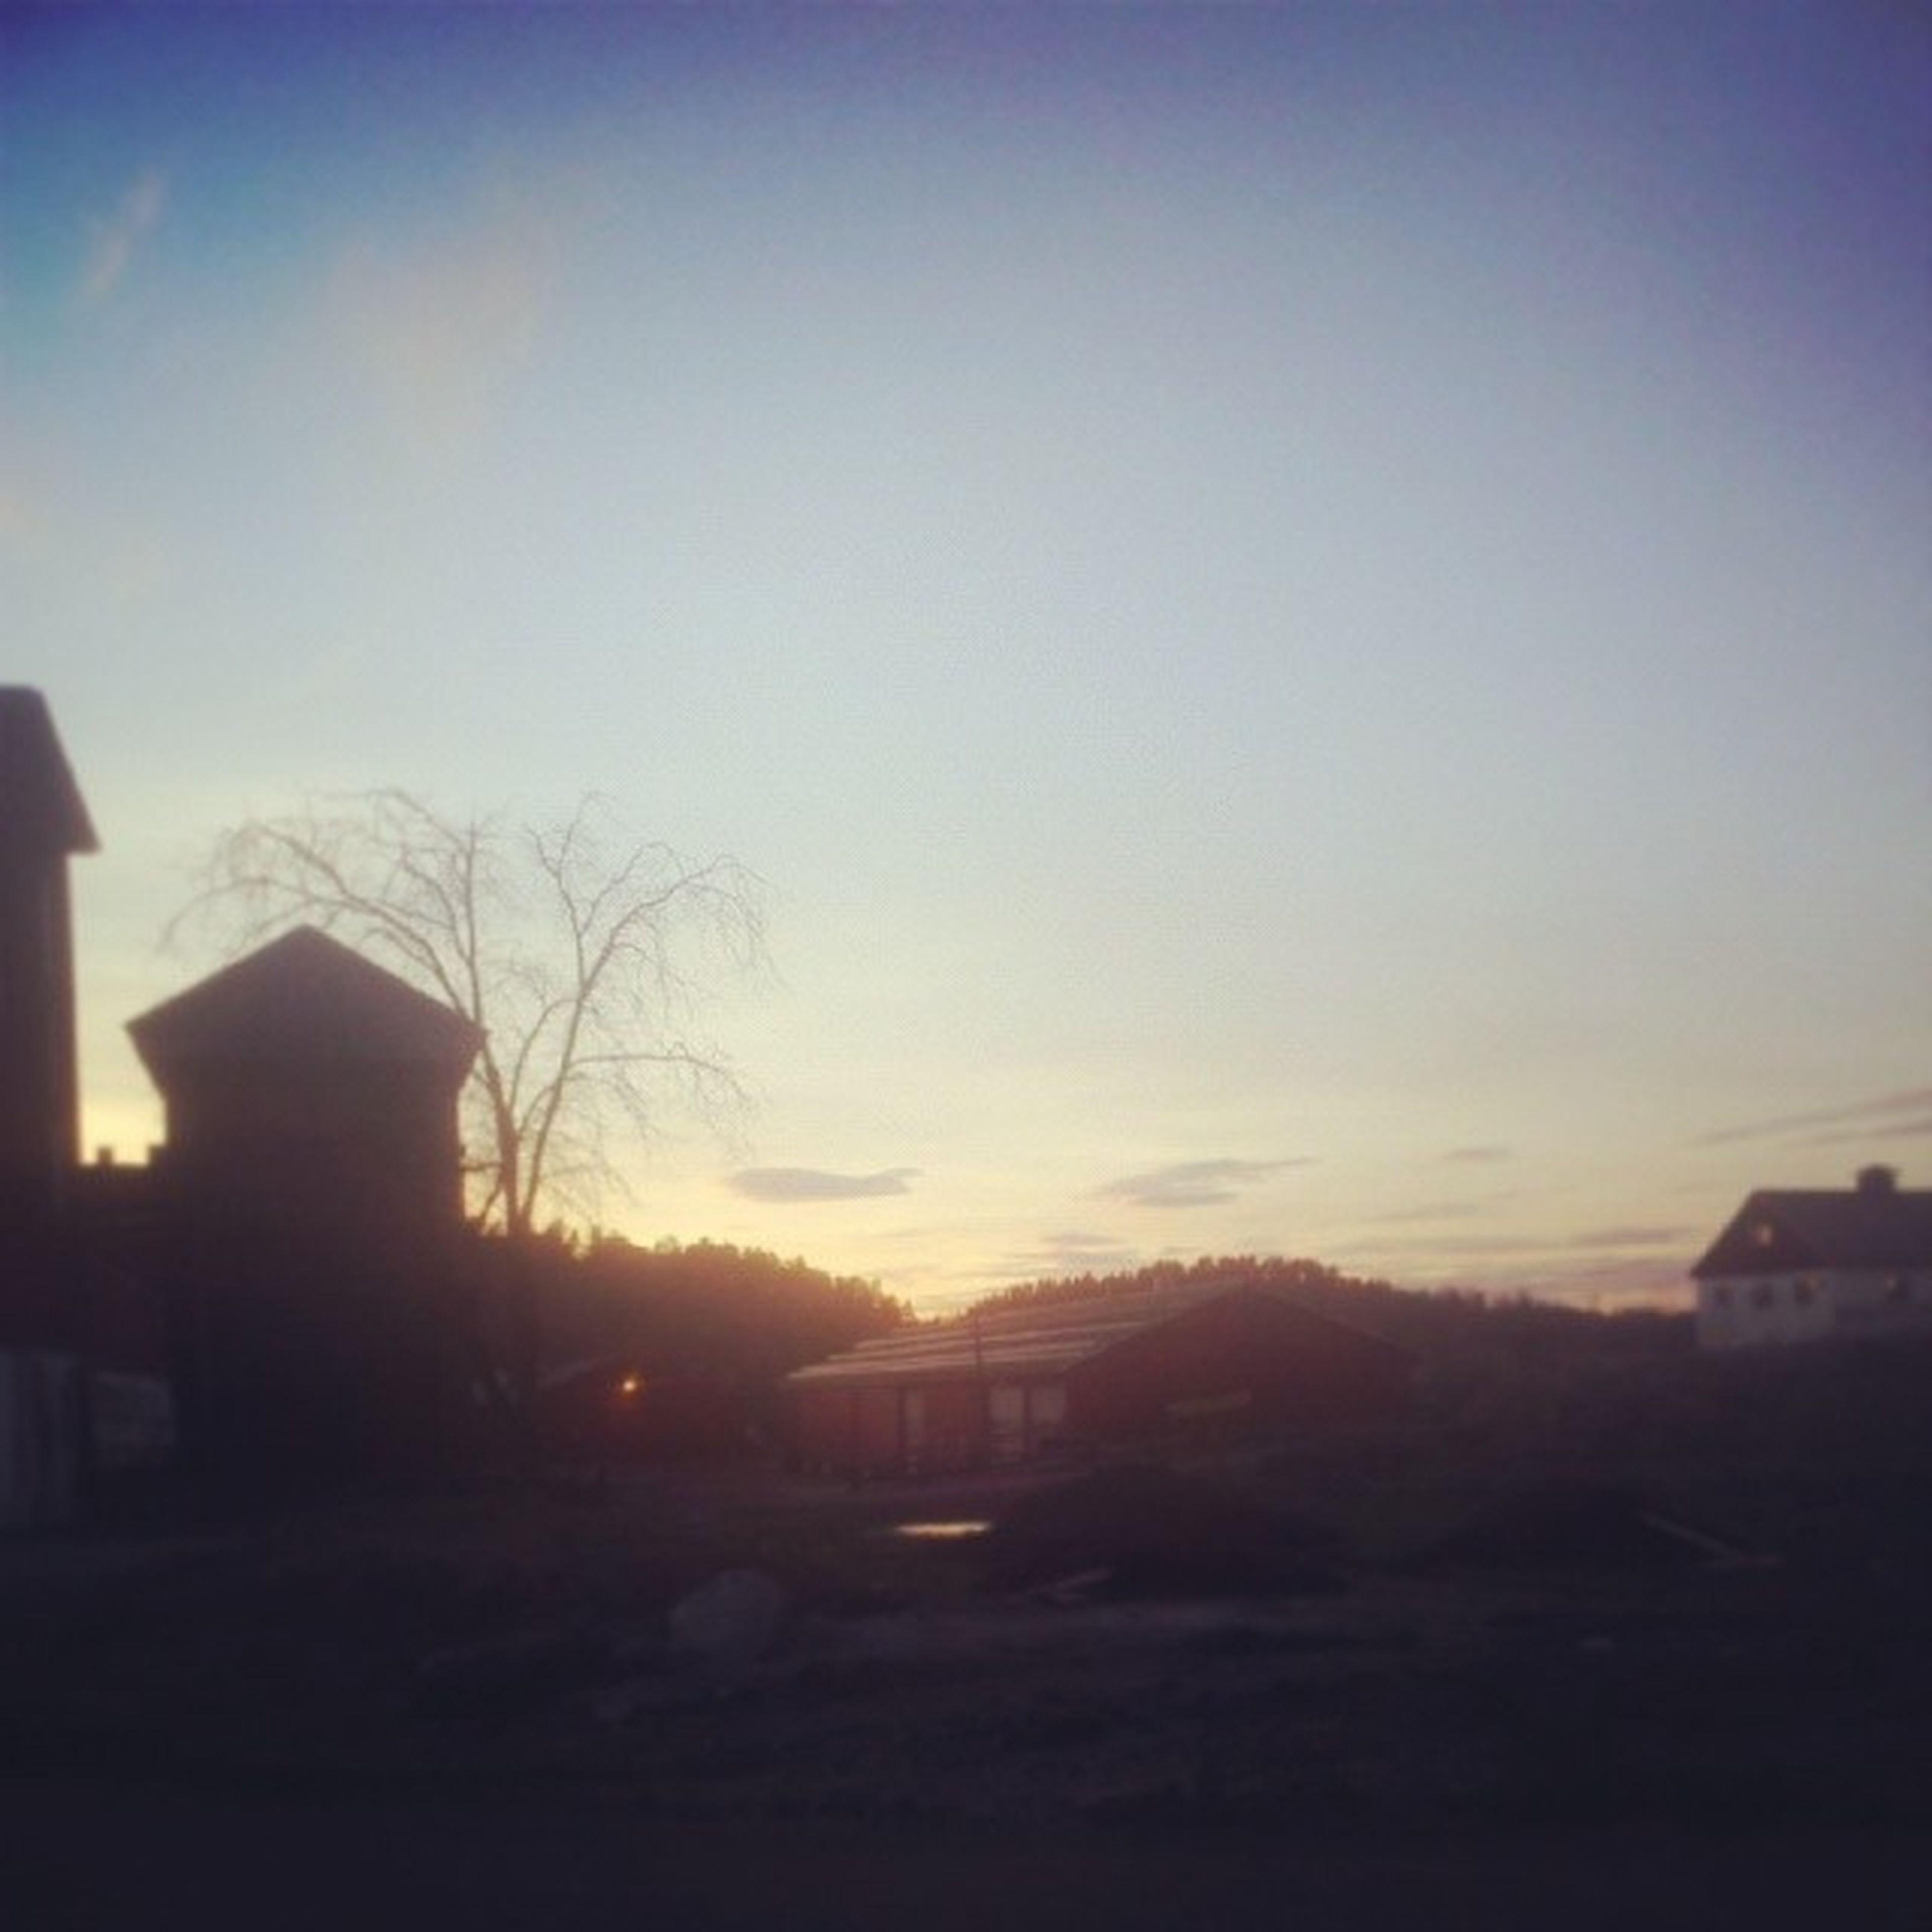 ☆☆Love This Place Melsom melsomvik melsomvgs sky sunset spring summer evening låve verksted fjøs himmel solnedgang loveit school myhome